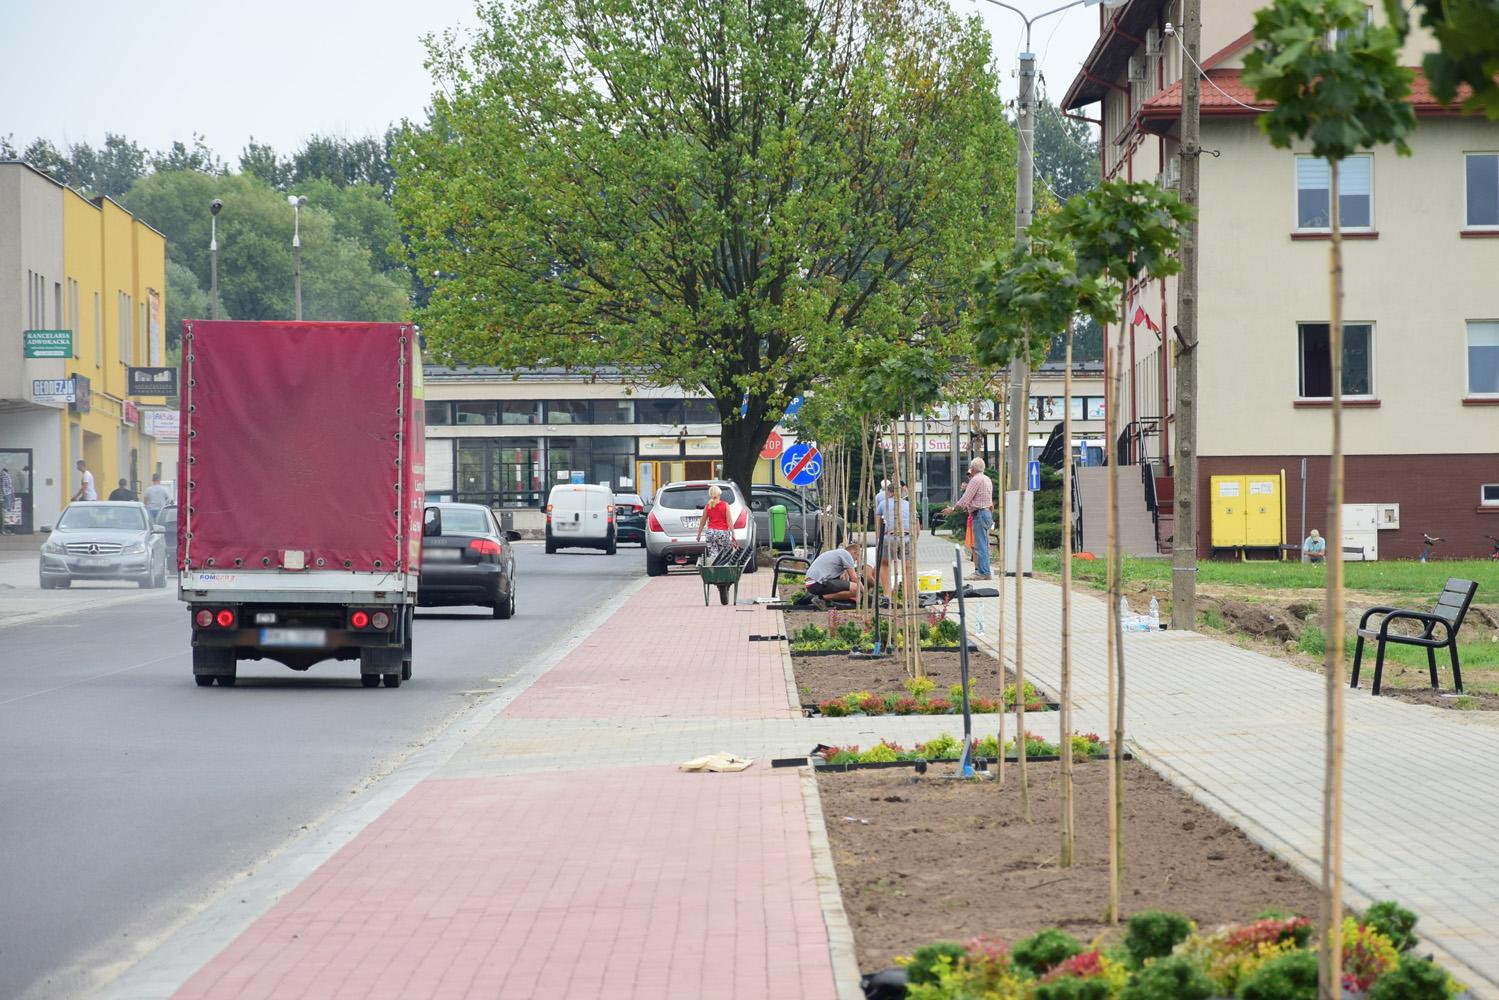 """Kolbuszowa. Ulica 11 Listopada po remoncie ze """"śpiącym policjantem"""". W miejscu żywopłotu parkingi i nowa zieleń [ZDJĘCIA] - Zdjęcie główne"""